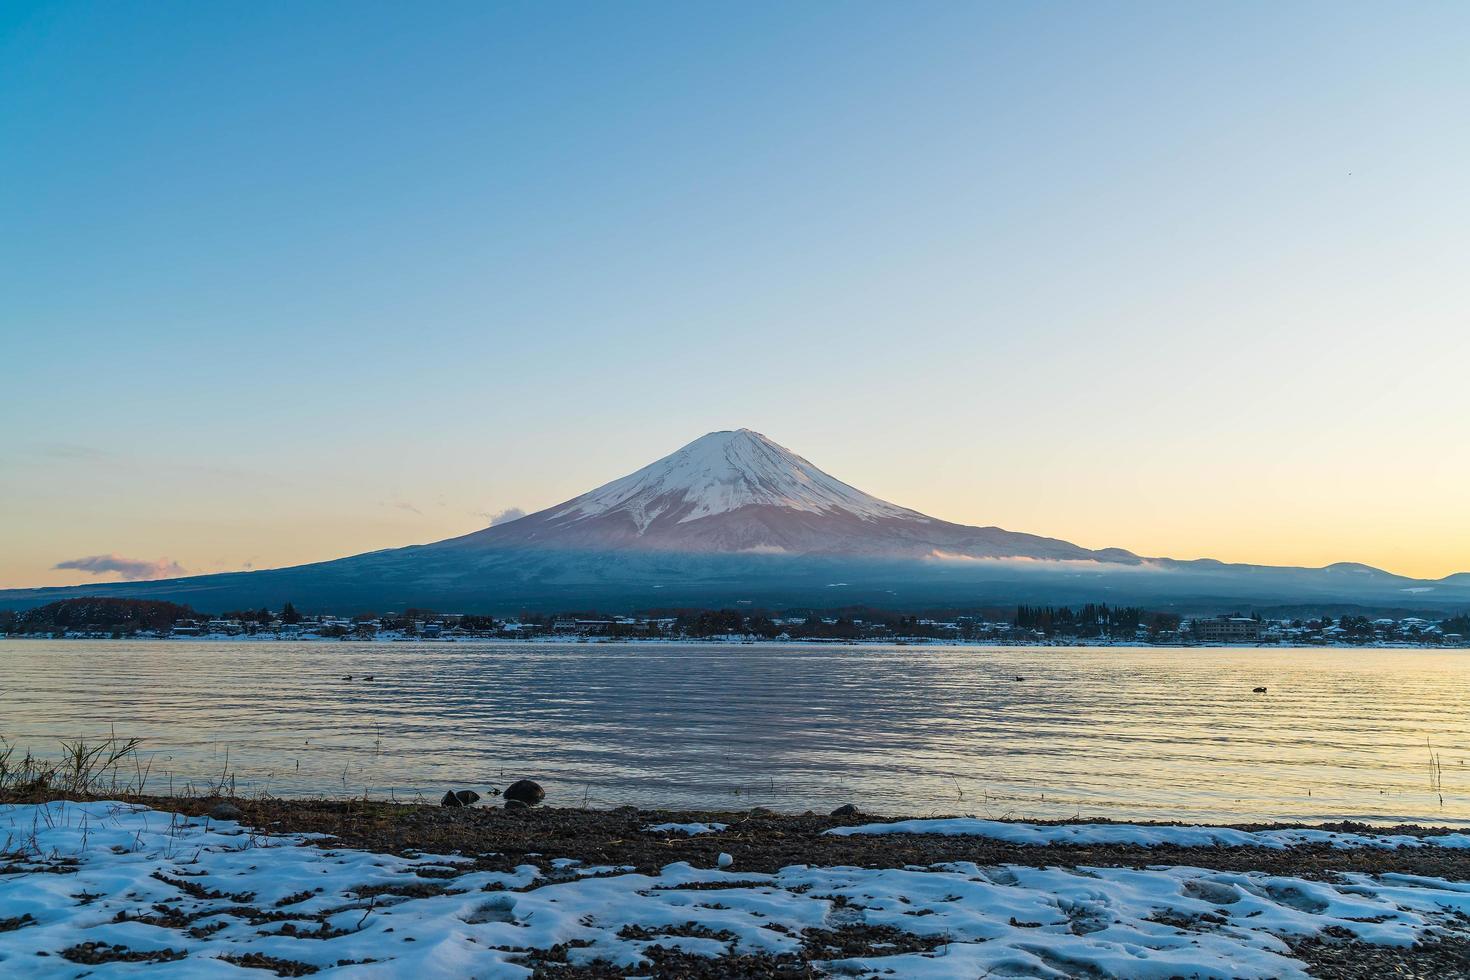 Mount Fuji in Japan at Lake Kawaguchi photo